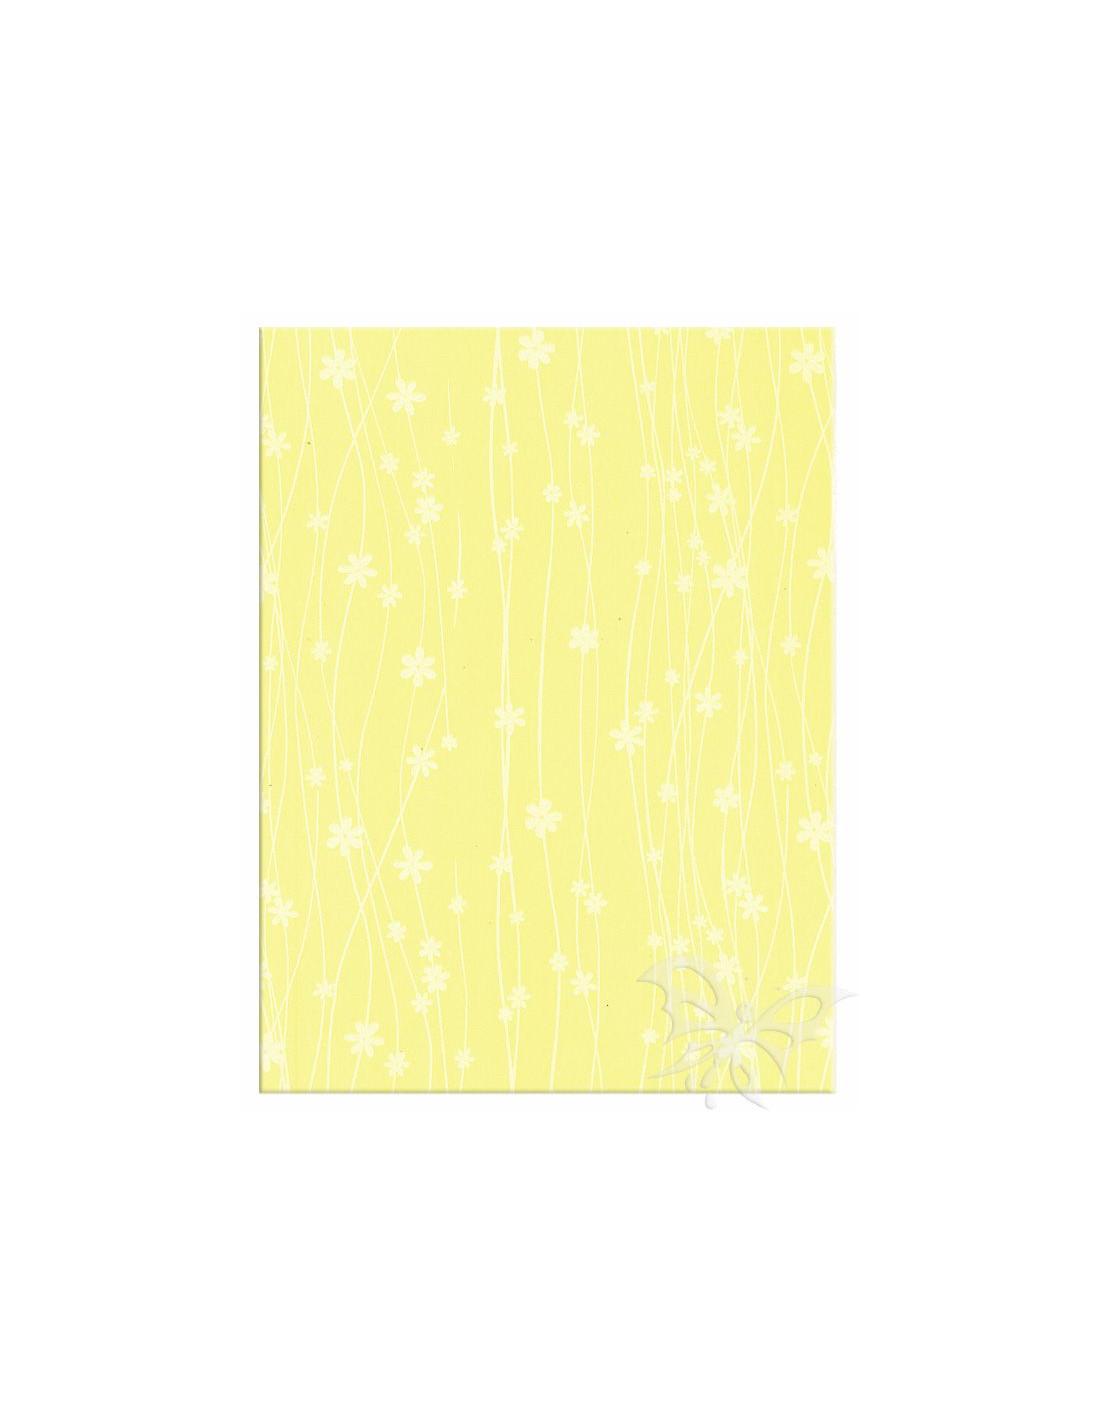 Foglio Moosgummi 40x60cm 2mm Fiori Giallo Pastello-Bianco. Loading zoom 75119a137ce